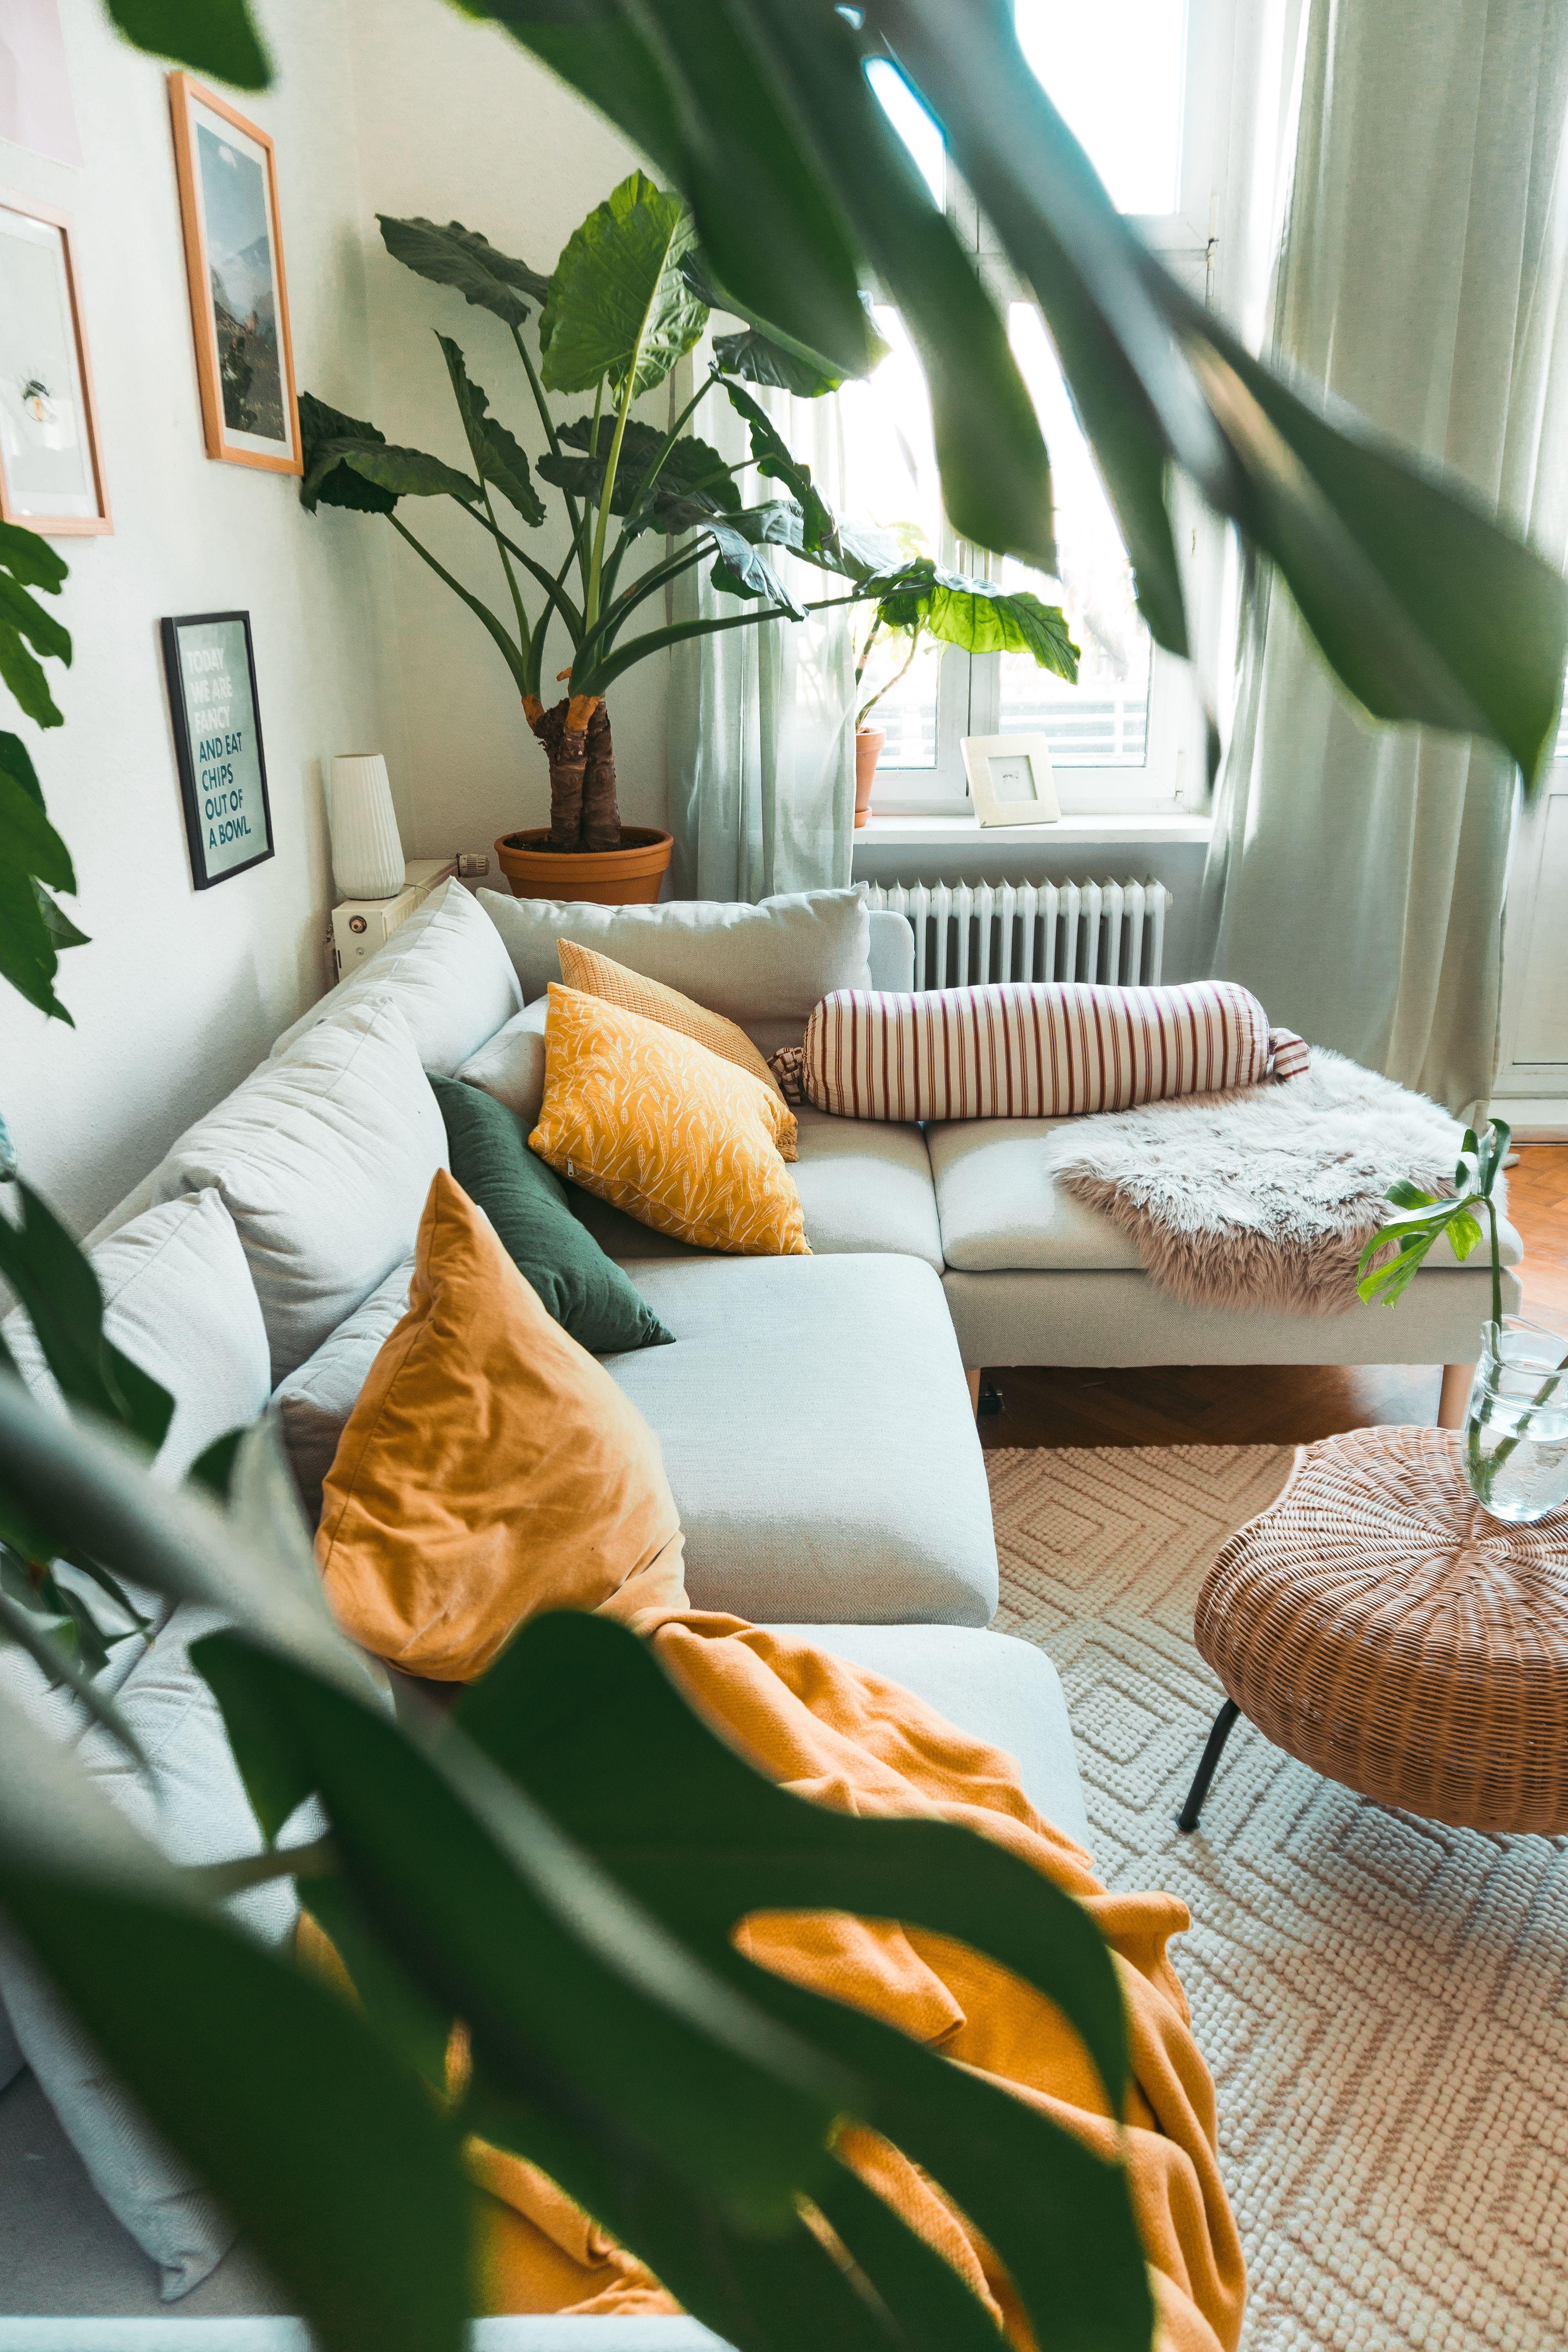 Die Macht der Textilien - stoffliche Materialkunde mit fridlaa #apartmentroom